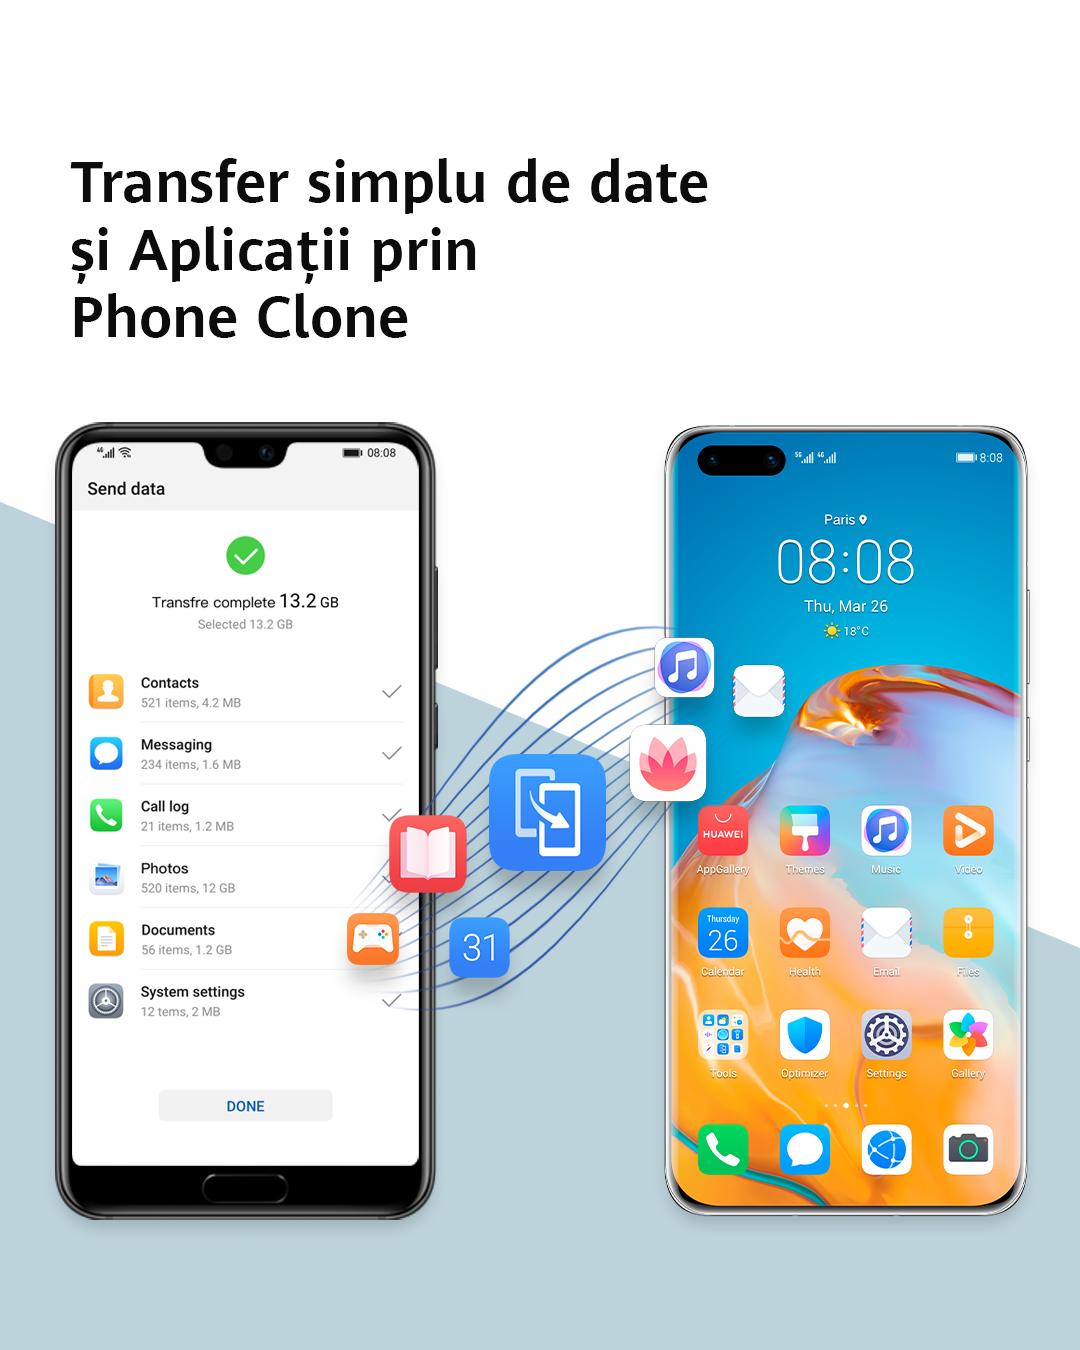 Phone Clone, aplicația care transferă fără efort datele pe noul telefon Huawei din vechiul dispozitiv